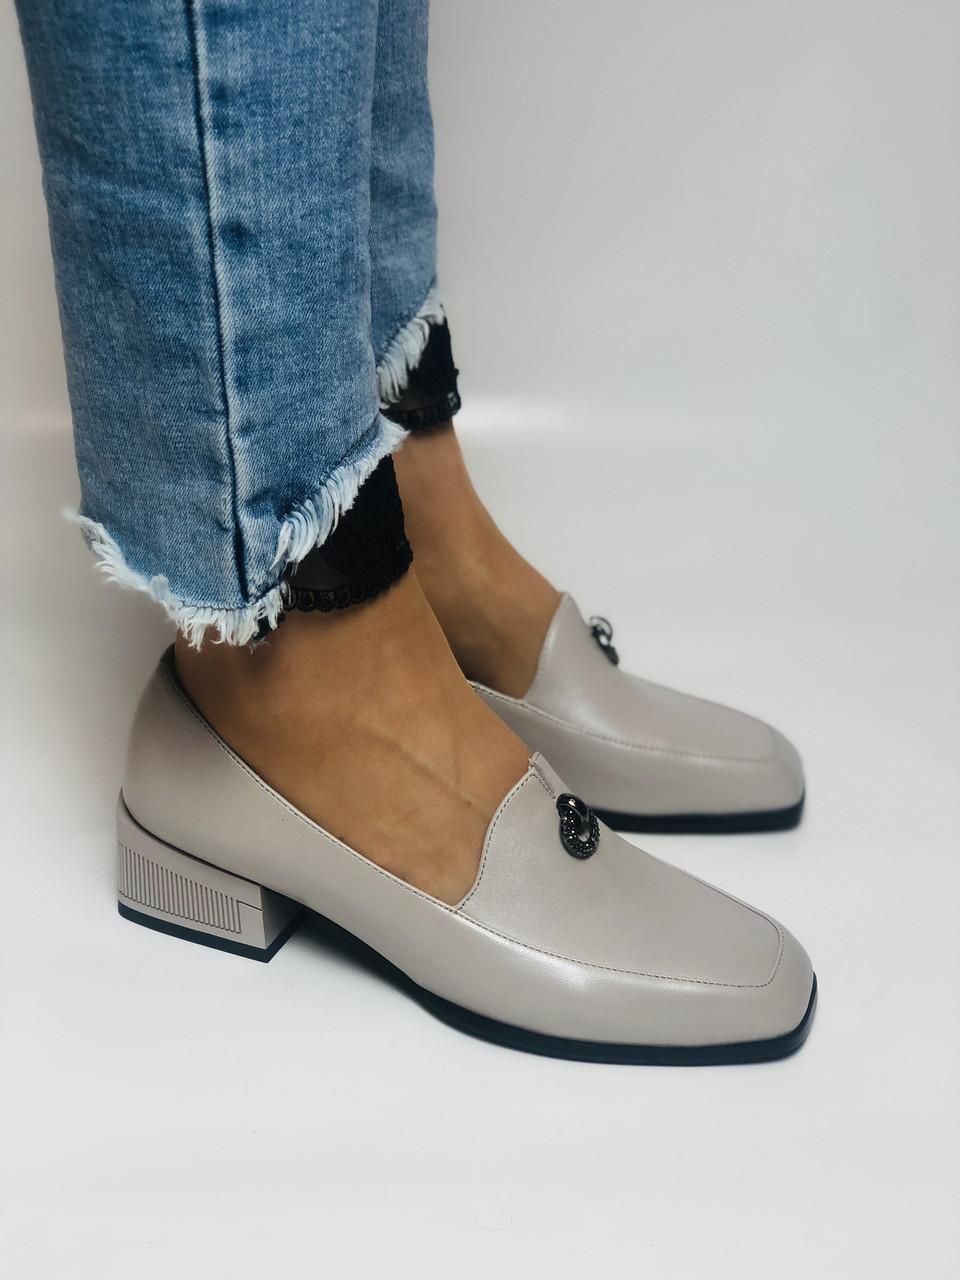 Molka. Жіночі туфлі -лофери з натуральної шкіри. Розмір 35,36,37,38,39,40.Vellena